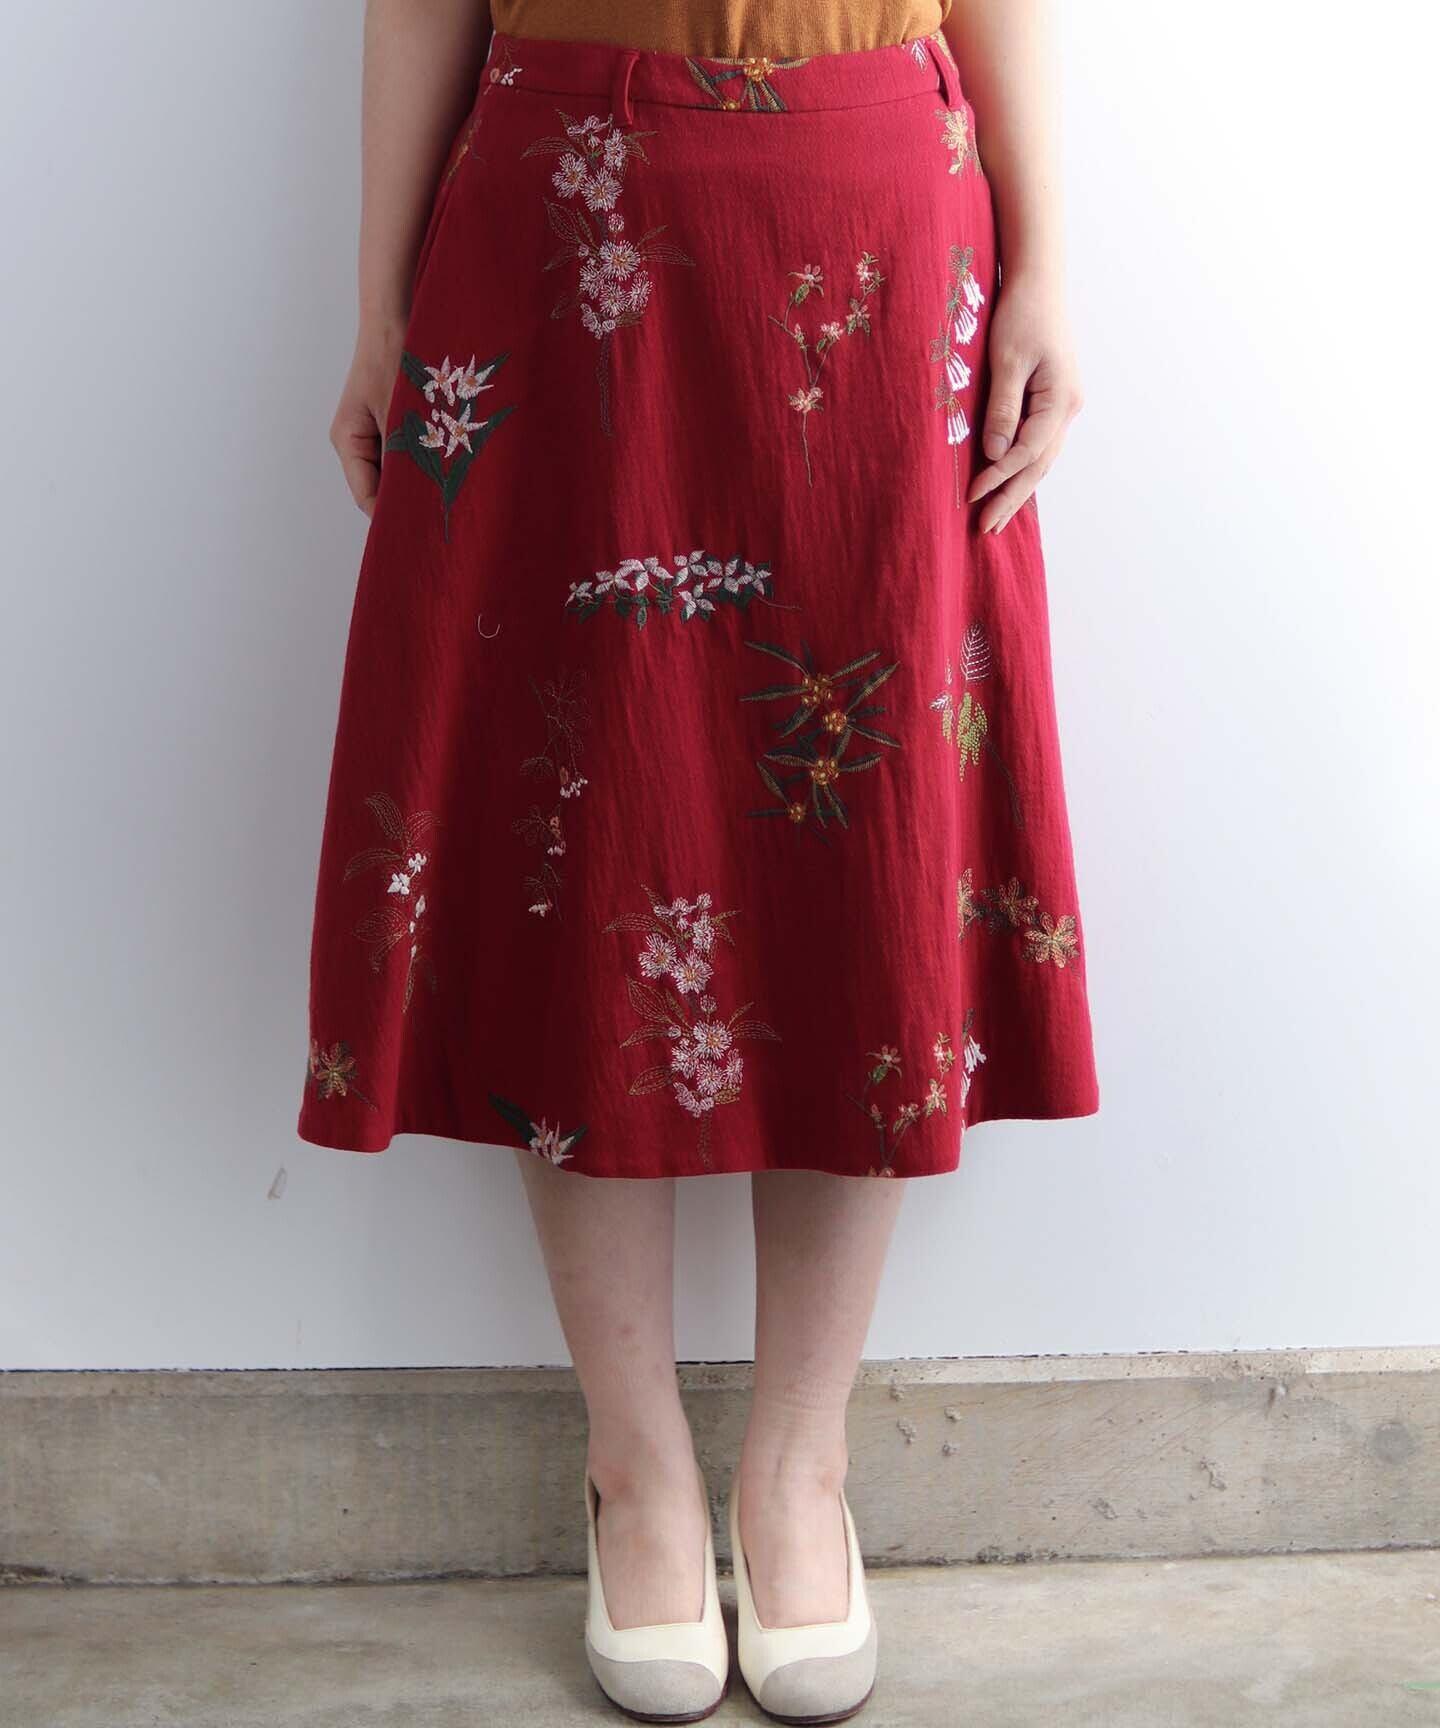 果実花刺繍のスカート (eve241)